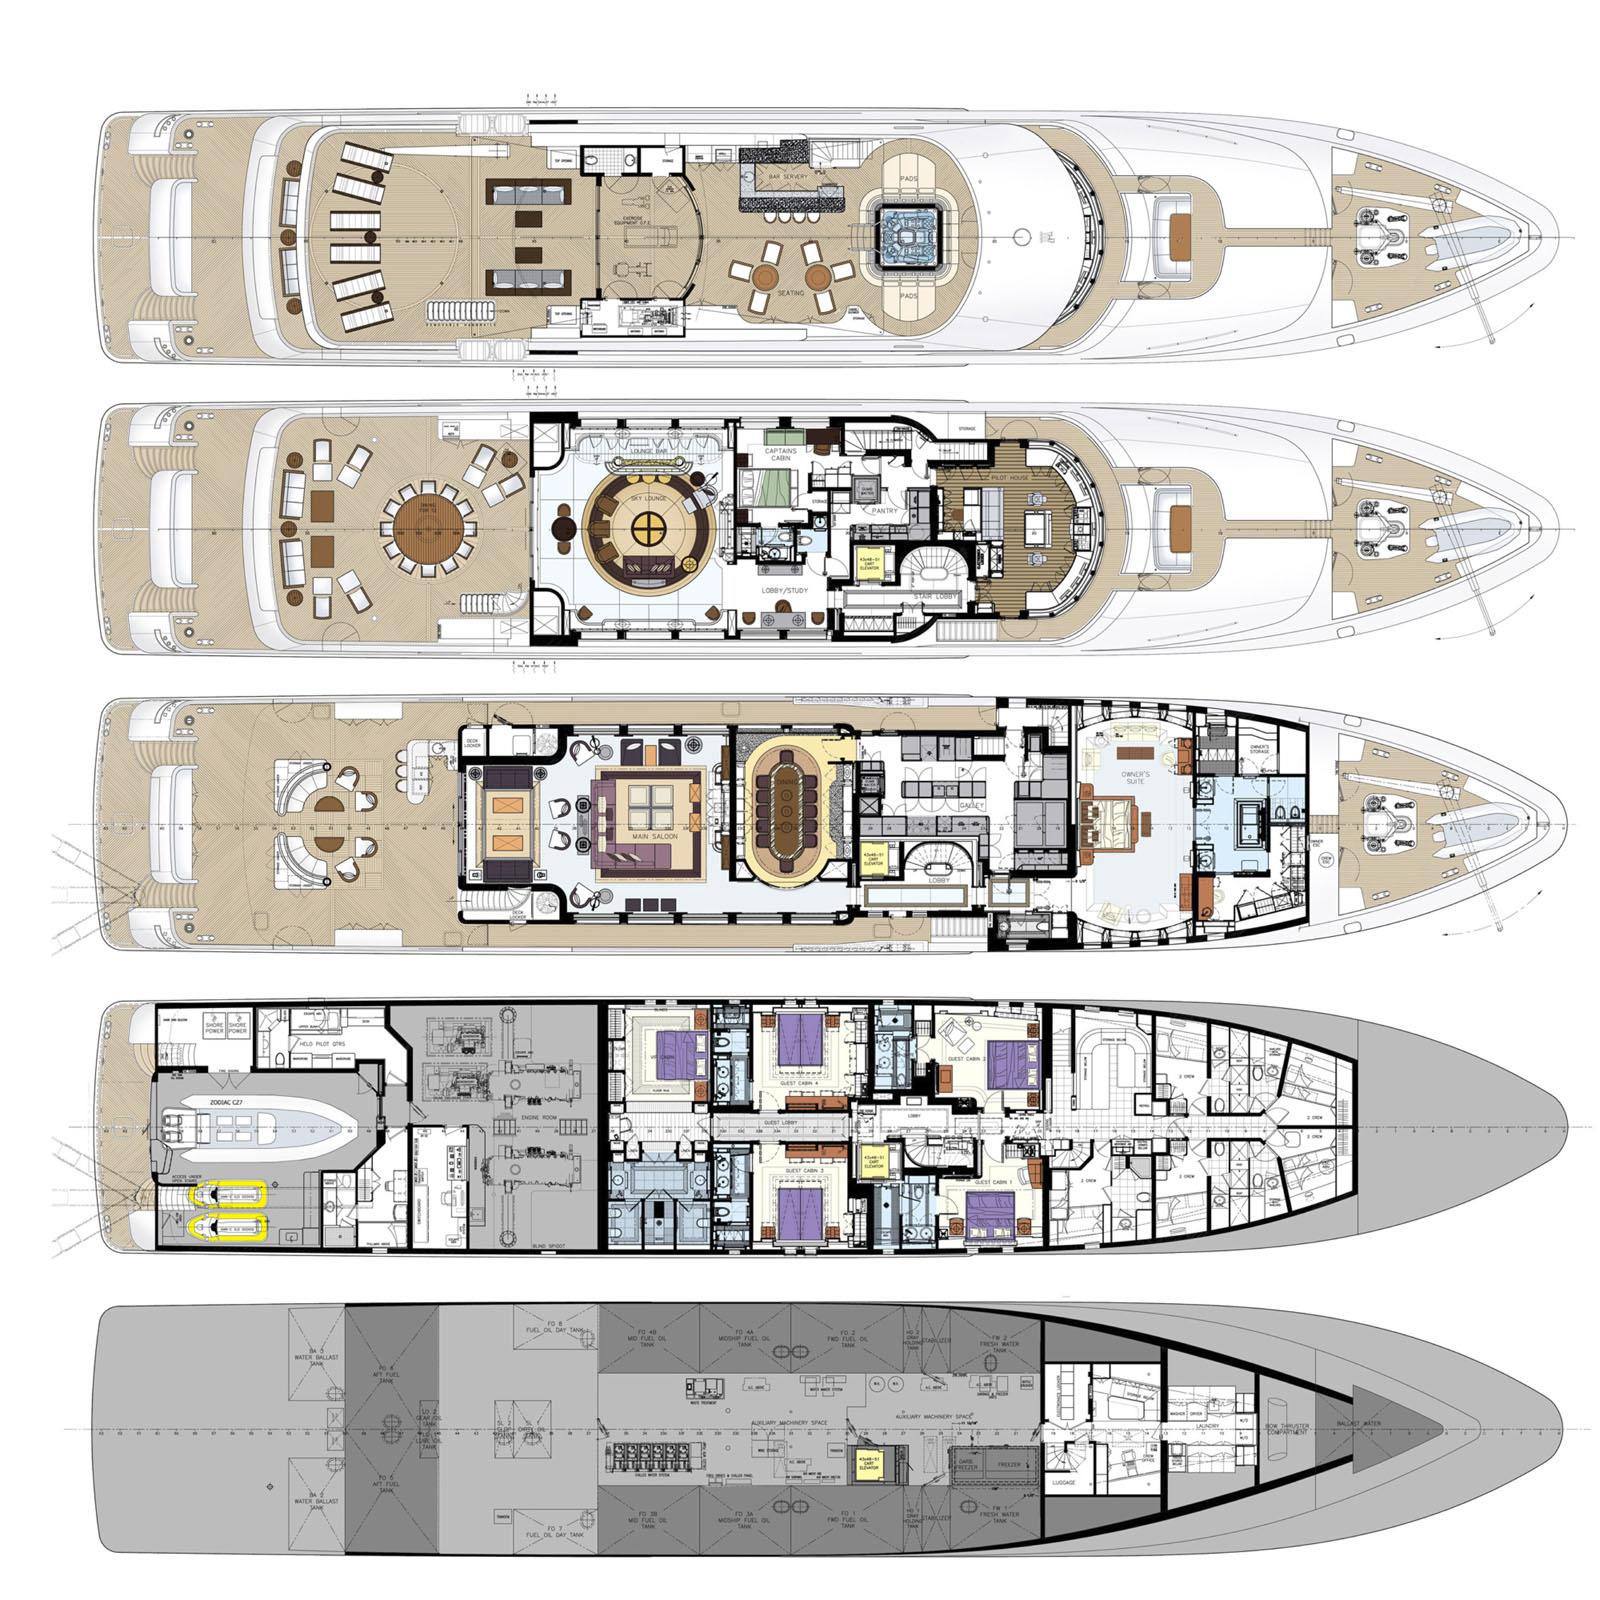 The Simple Elegance Of Superyacht Quot Bacarella Quot Idesignarch Interior Design Architecture